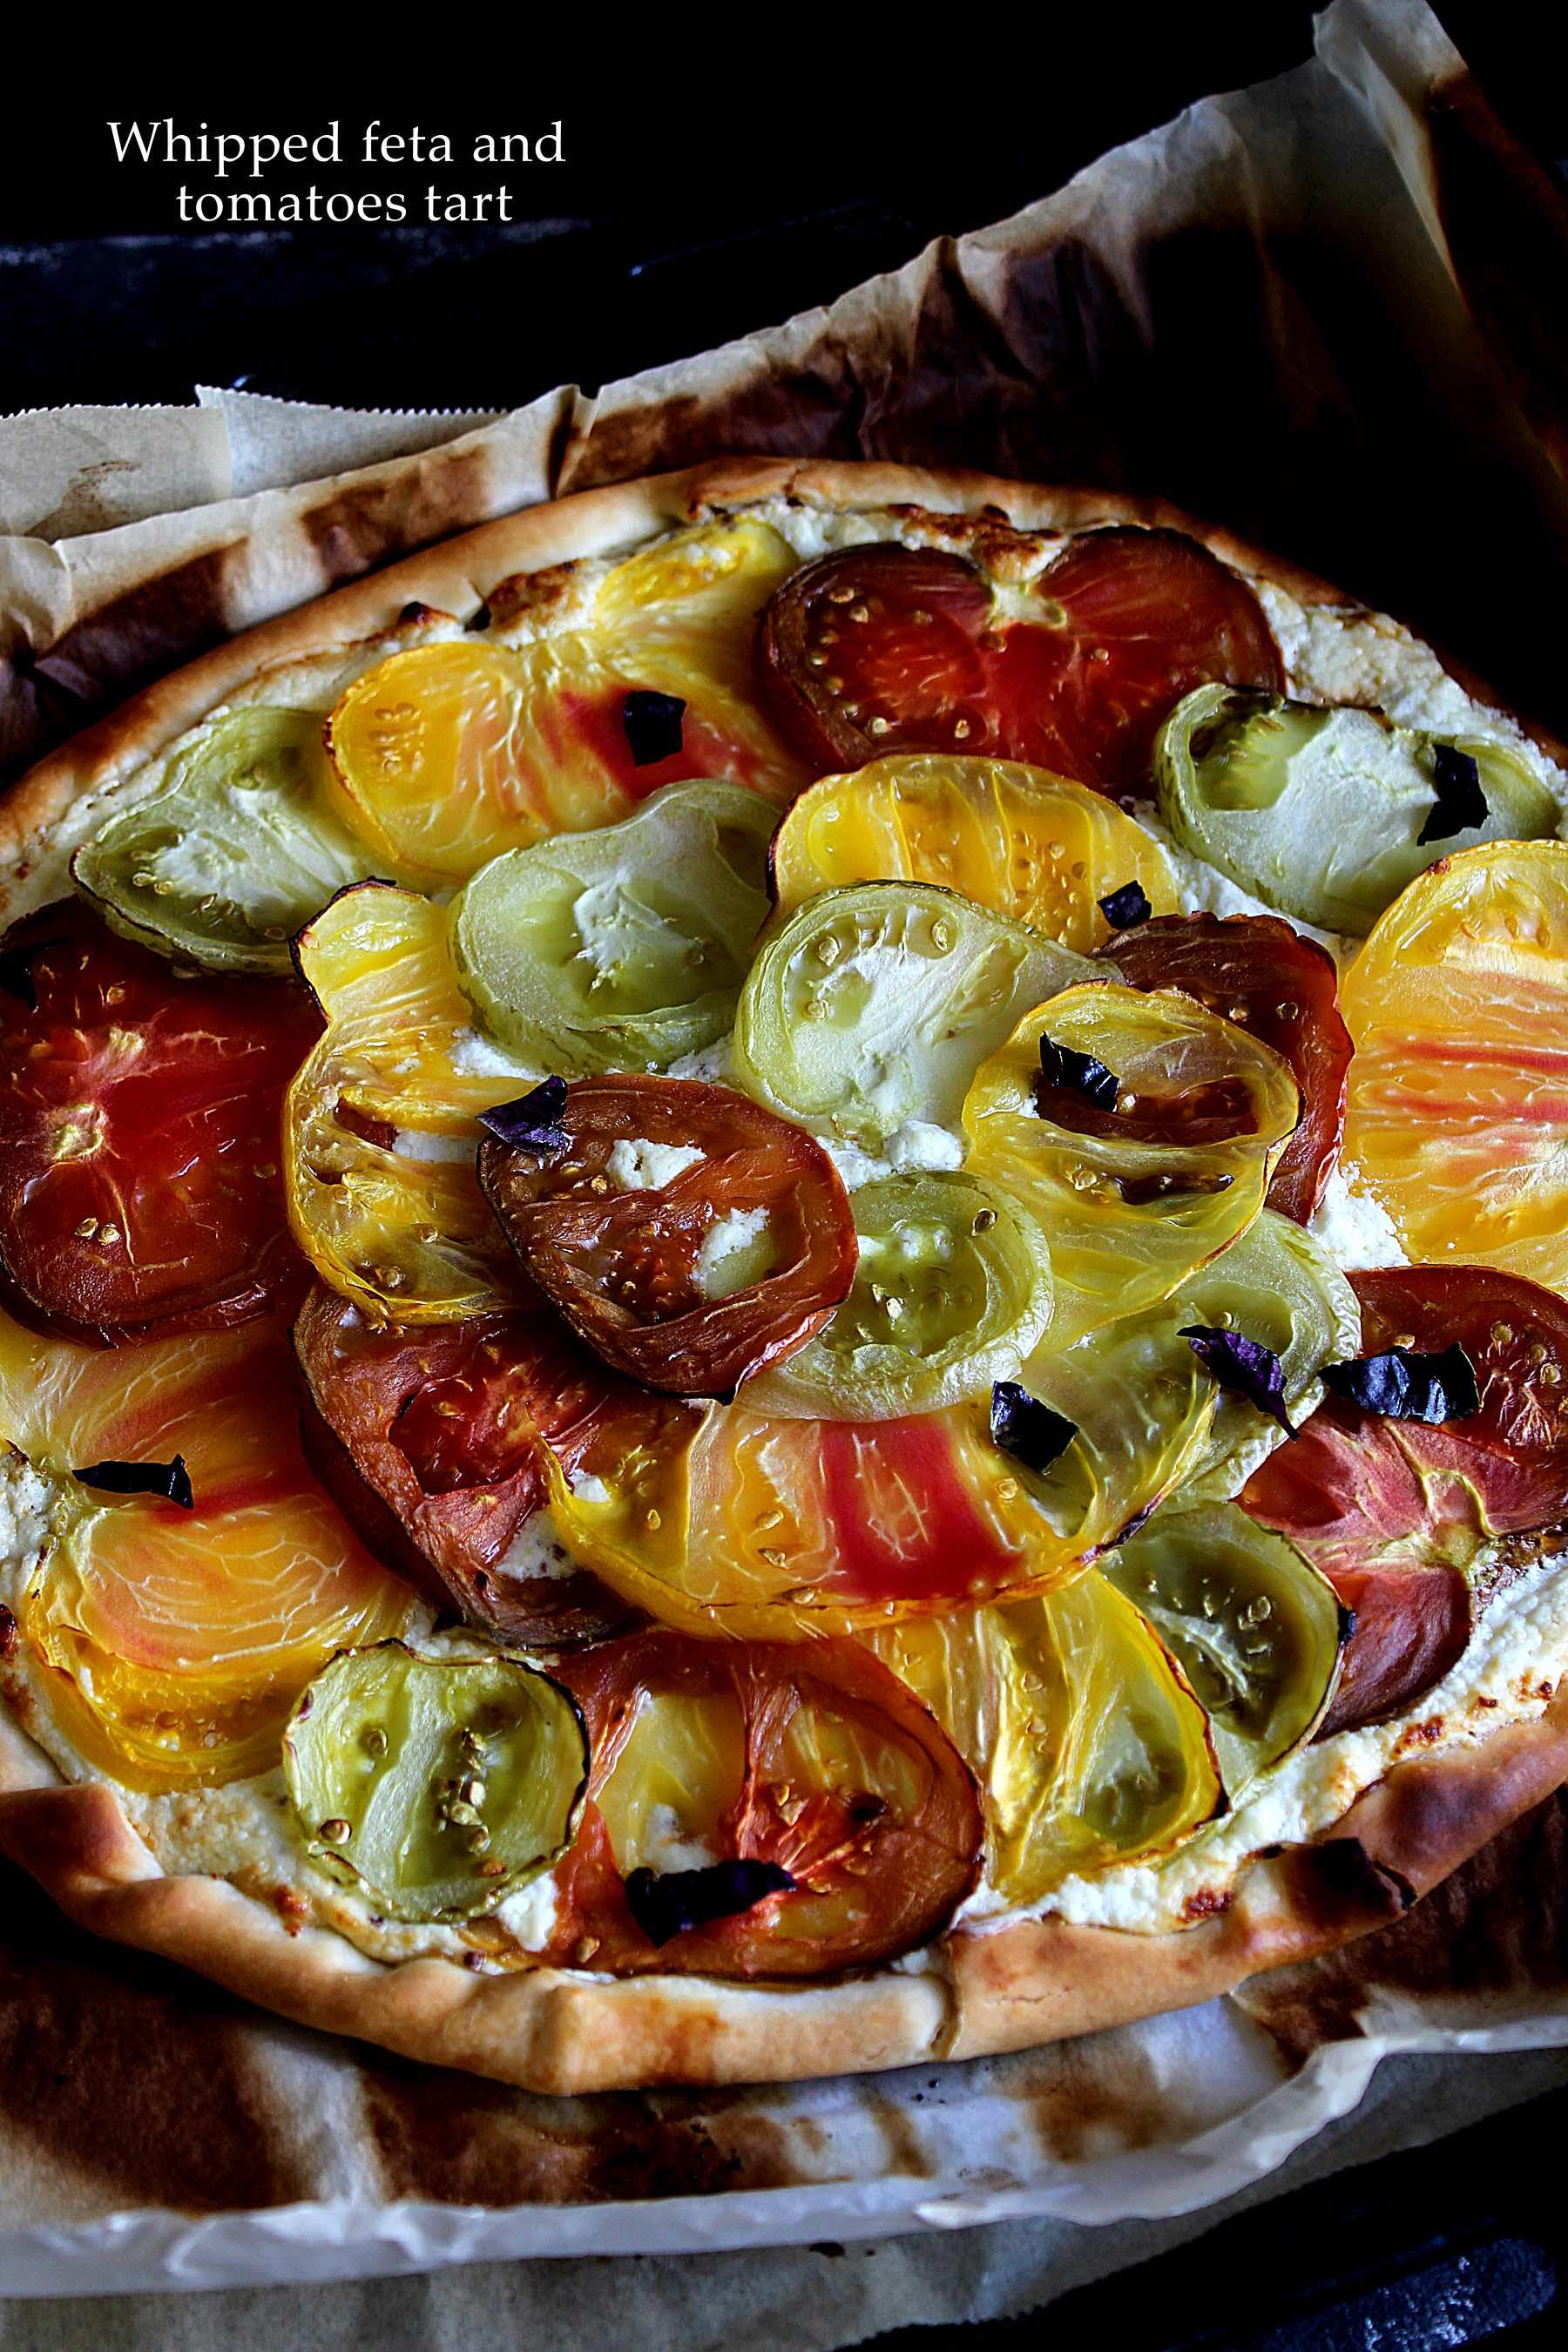 Whipped feta and tomatoes tart